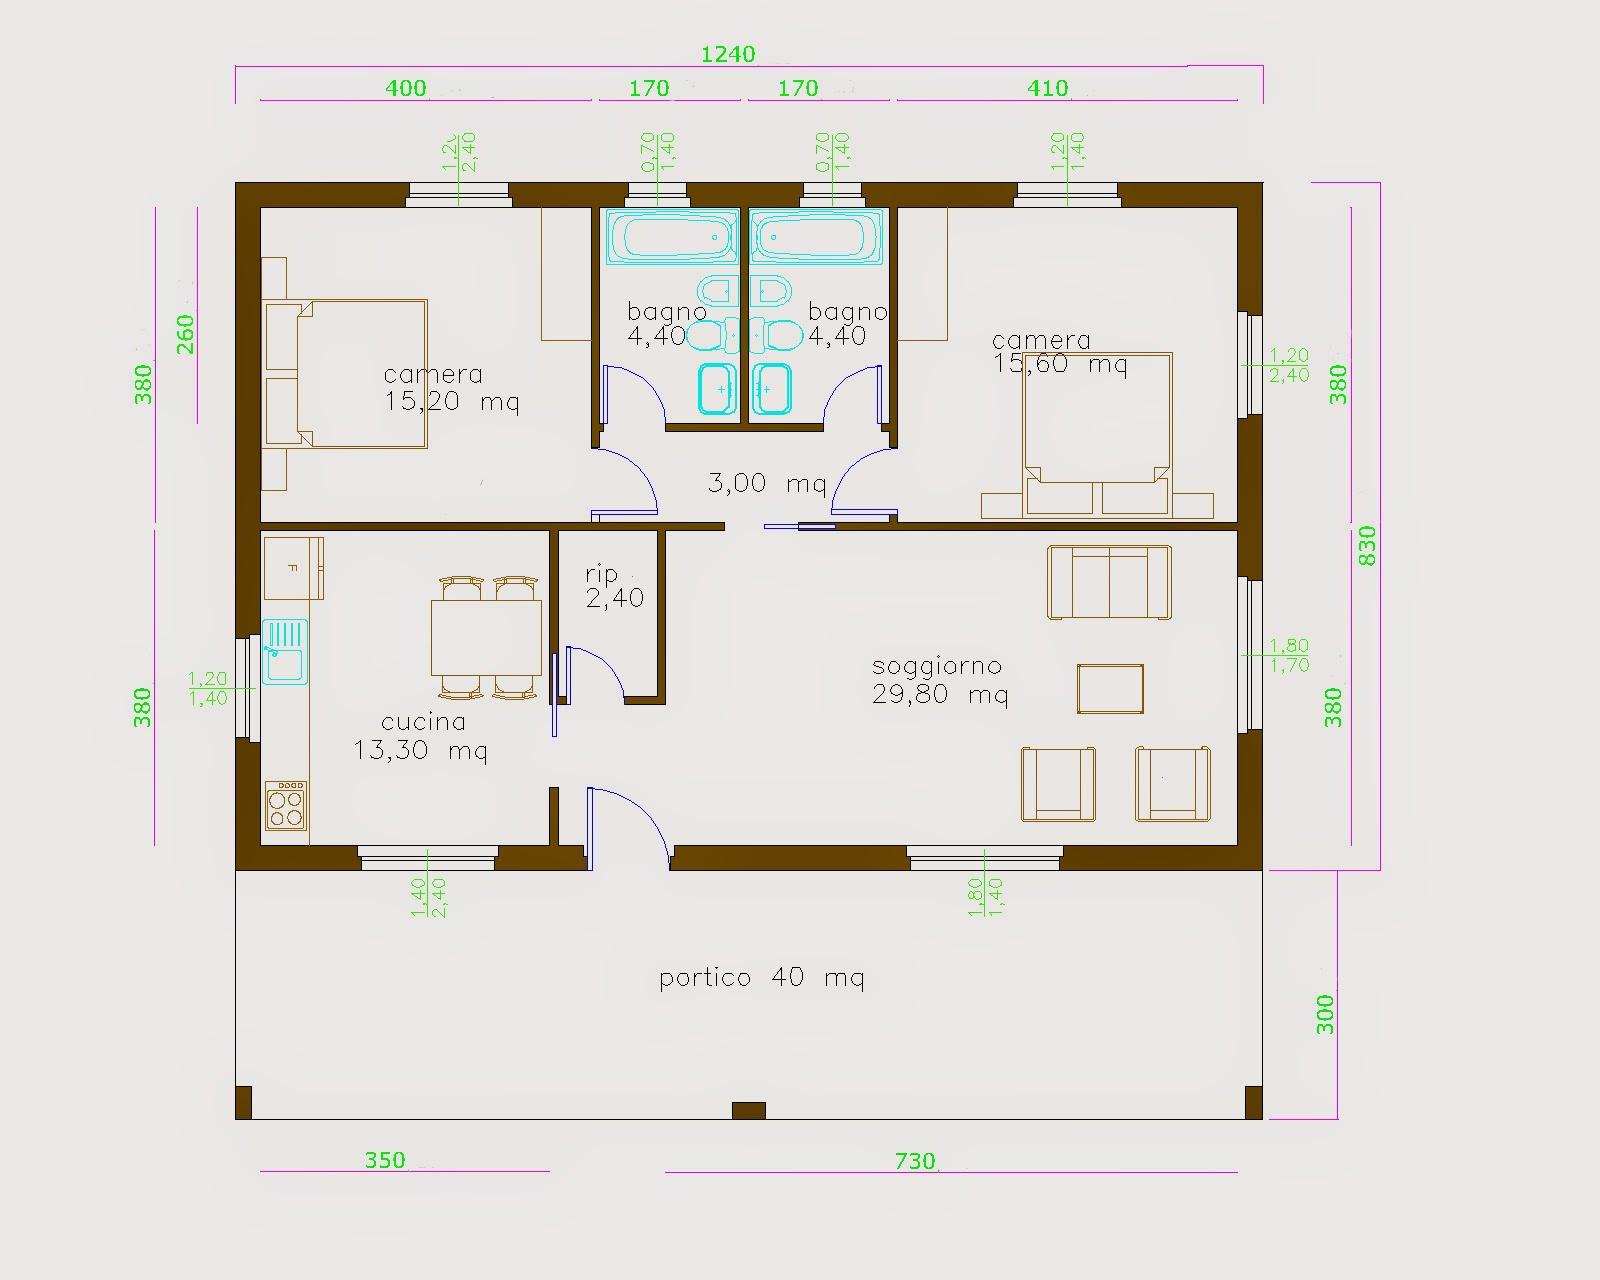 Moda appartamento 120 mq progetto ov76 pineglen for Disegnare progetto casa